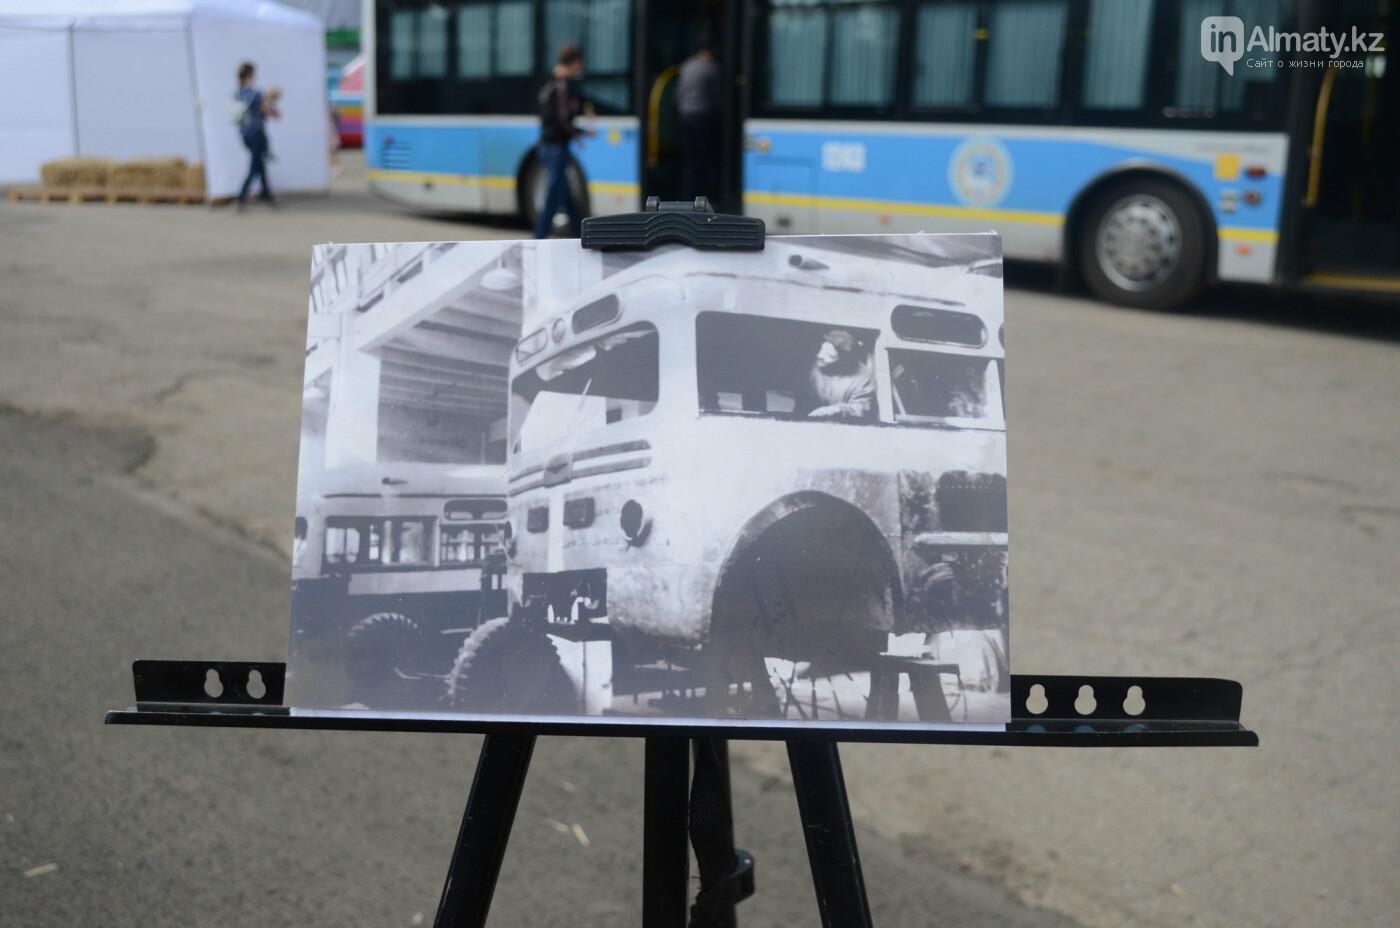 Юбилей троллейбуса отметили в Алматы (фото), фото-12